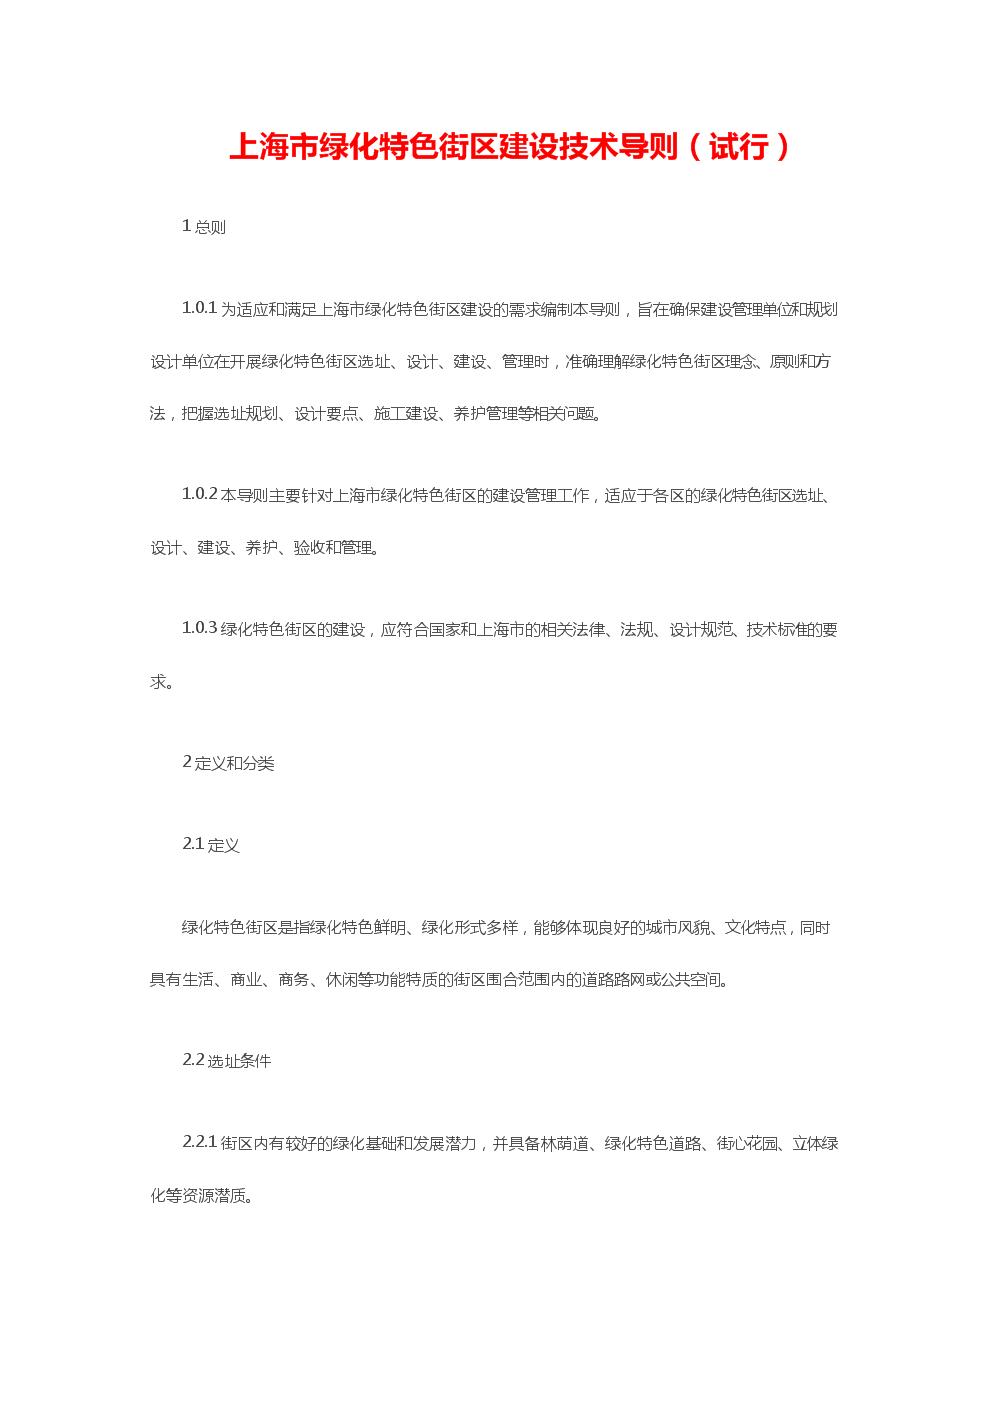 上海市绿化特色街区建设技术导则(试行).docx